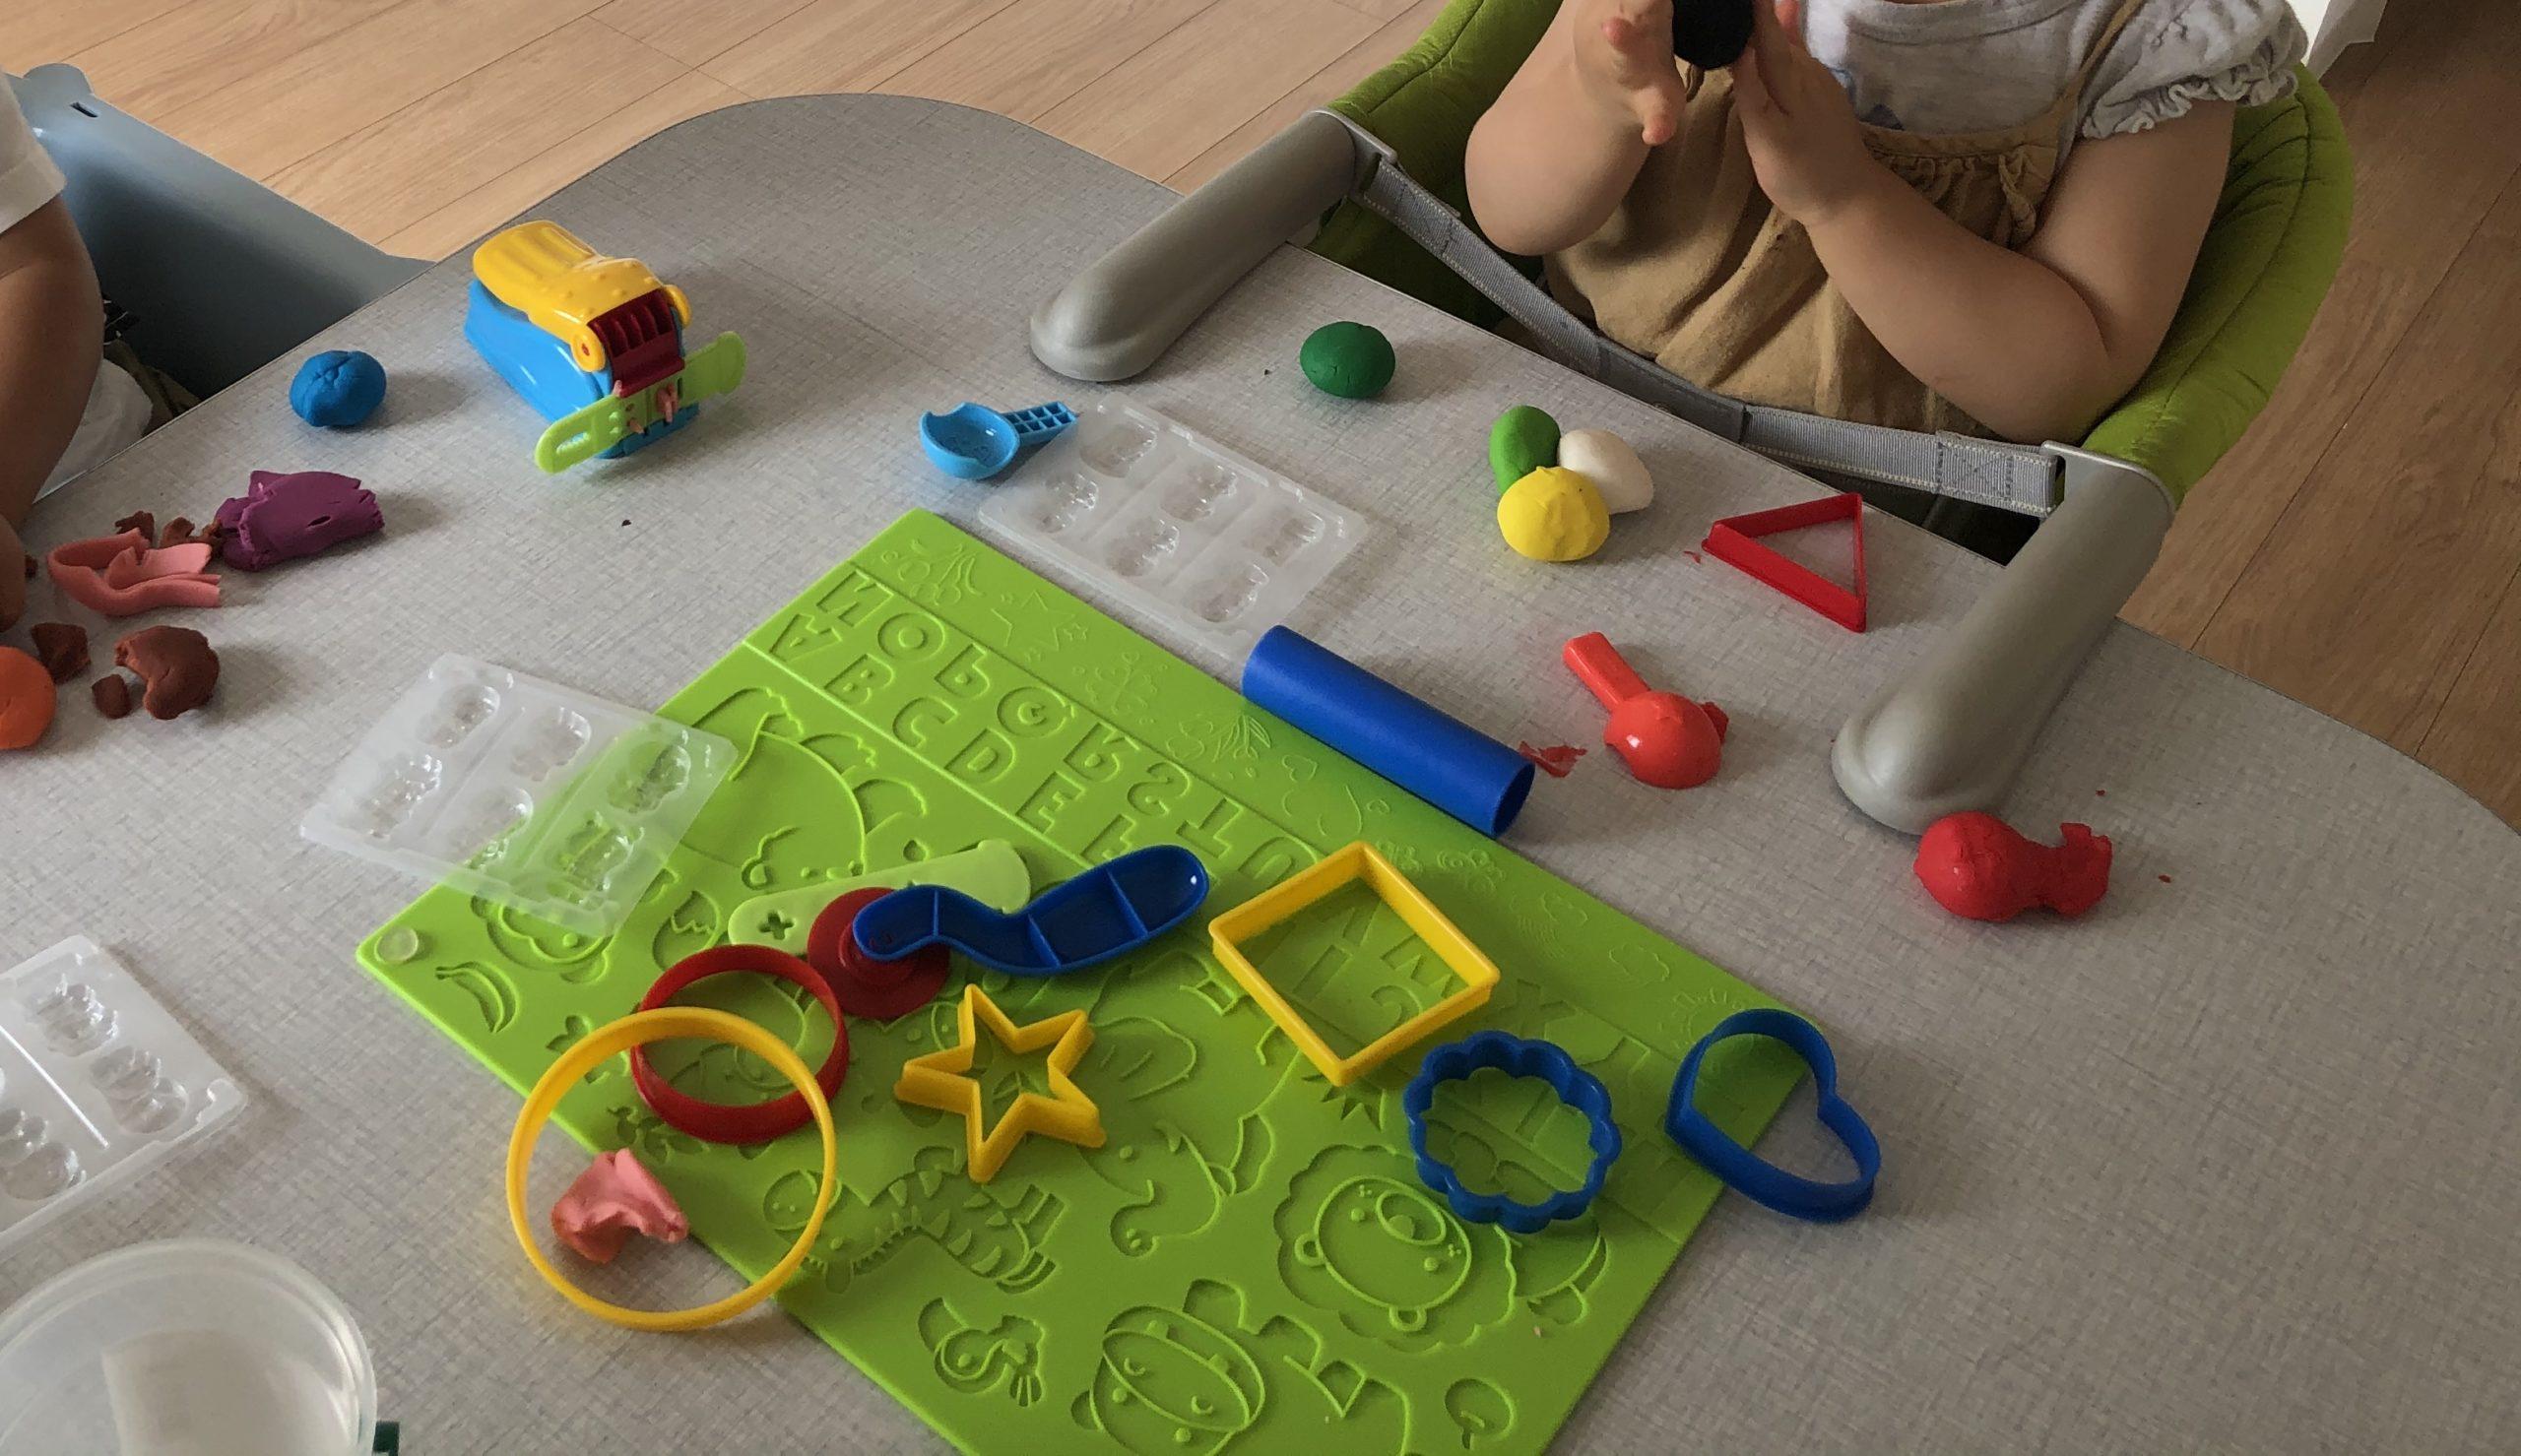 【2・3歳】雨の日は粘土遊びが楽しい!おすすめの粘土をご紹介